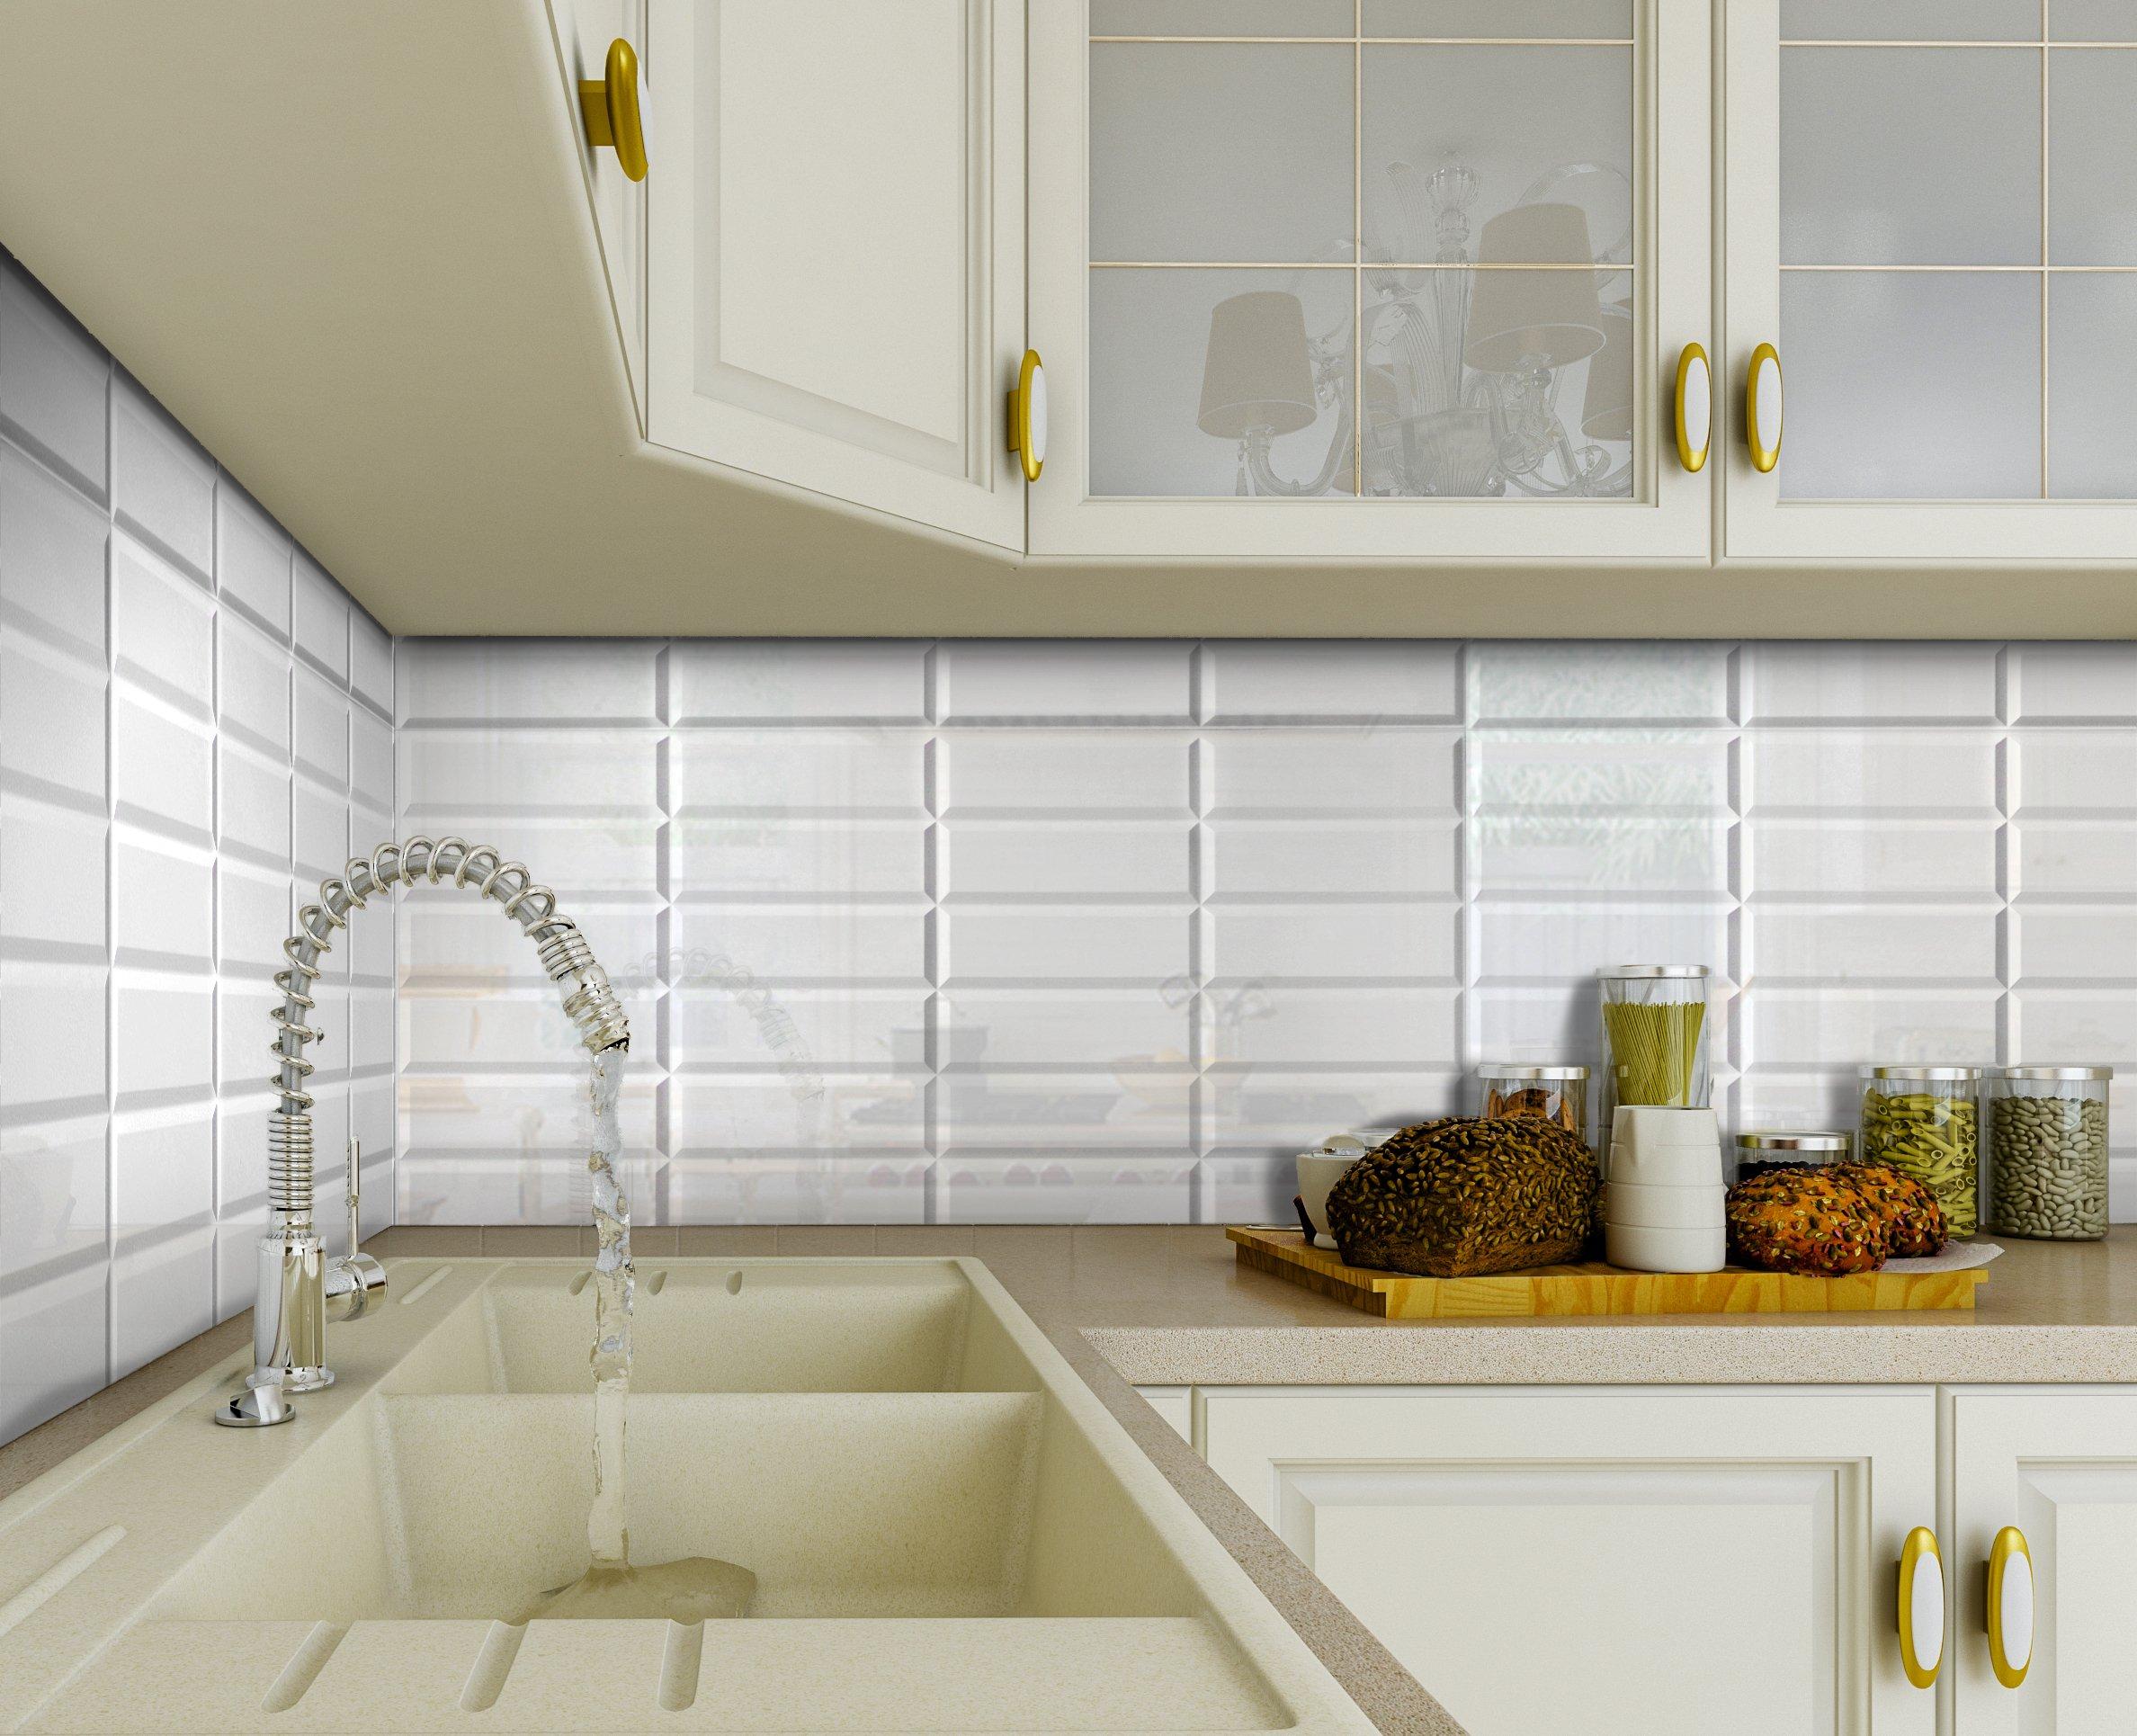 Mozaika Panele Scienne 3d Pcv White Seam Kuchnia 7610769706